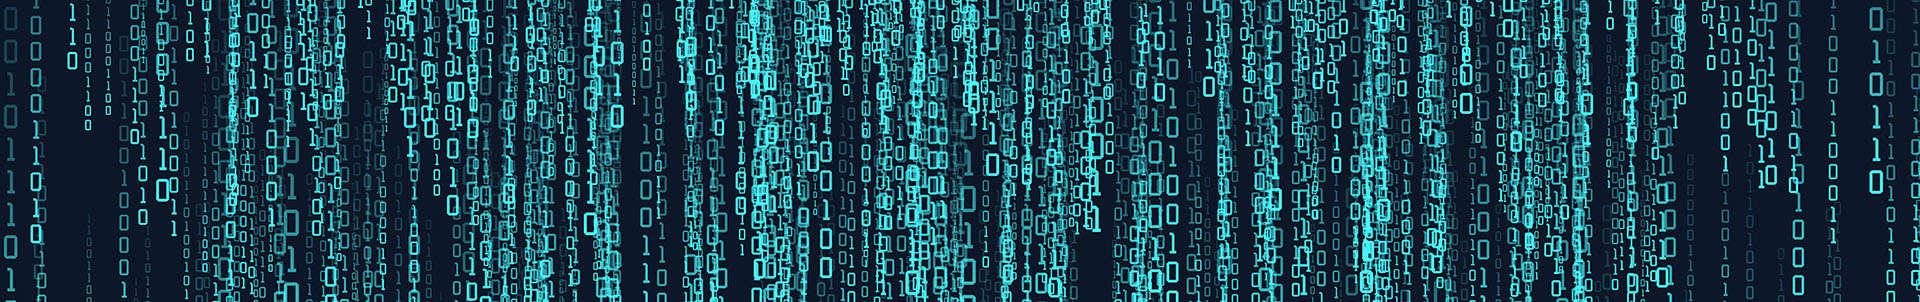 Matrix aus Nullen und Einsen